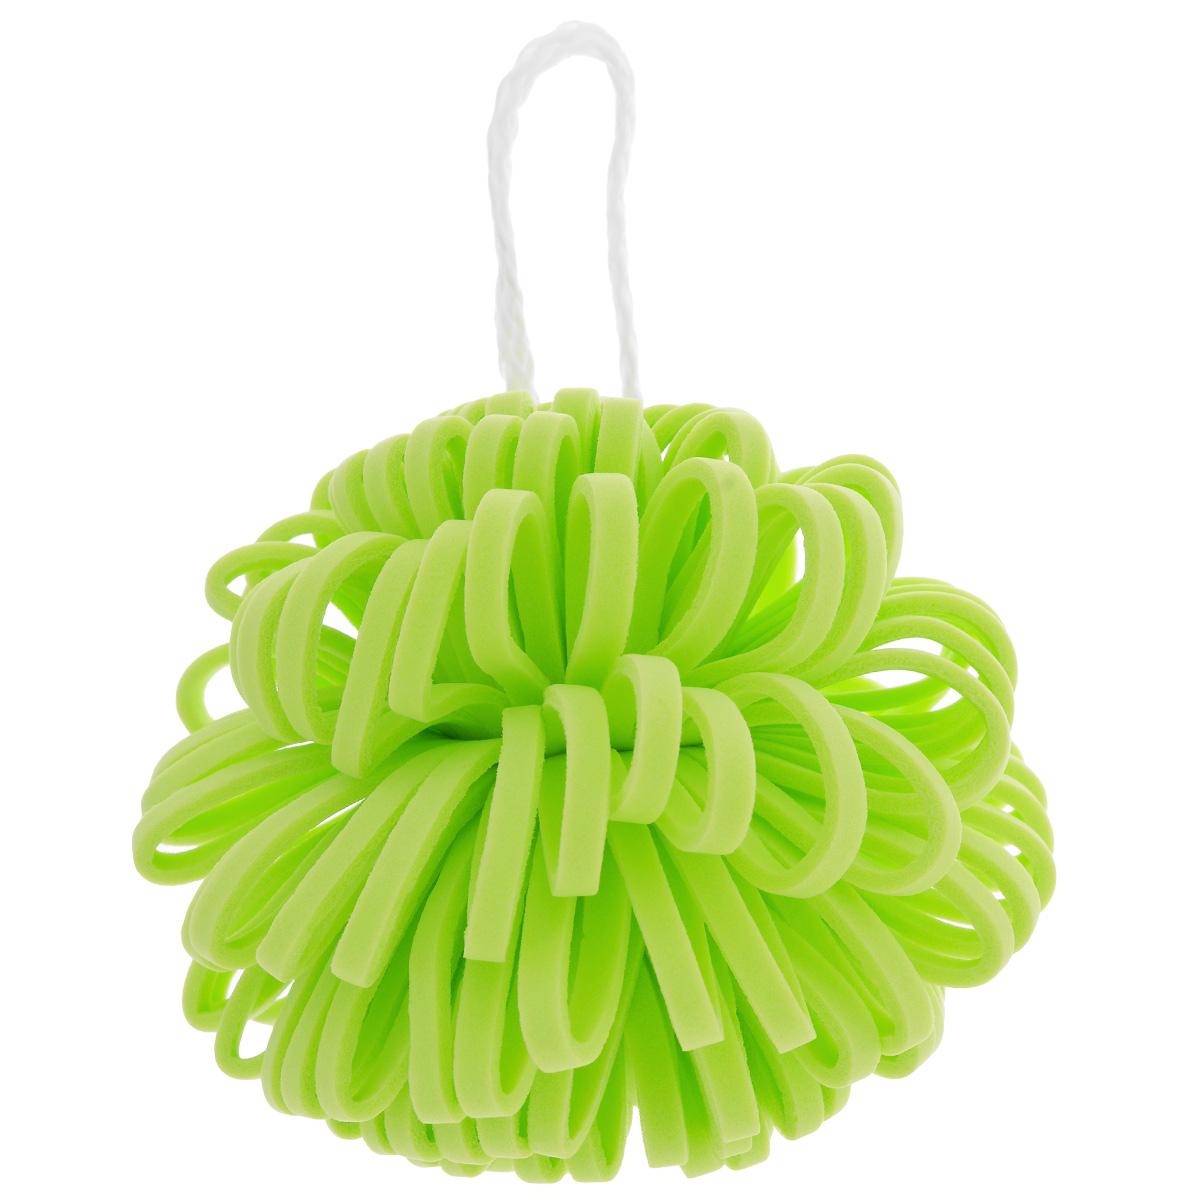 Мочалка Банные штучки Георгин для нежной и чувствительной кожи, цвет: салатовый40087_салатовыйМочалка Банные штучки Георгин изготовлена из синтетического полимера в виде цветка георгина. Она подходит для нежной и чувствительной кожи. Прекрасно взбивает мыло и гель для душа, дает обильную пену, обладает легким массажным воздействием. На мочалке имеется удобная петля для подвешивания. Перед применением мочалку необходимо смочить водой, и она станет мягкой. Мочалка Георгин станет незаменимым аксессуаром в ванной комнате.